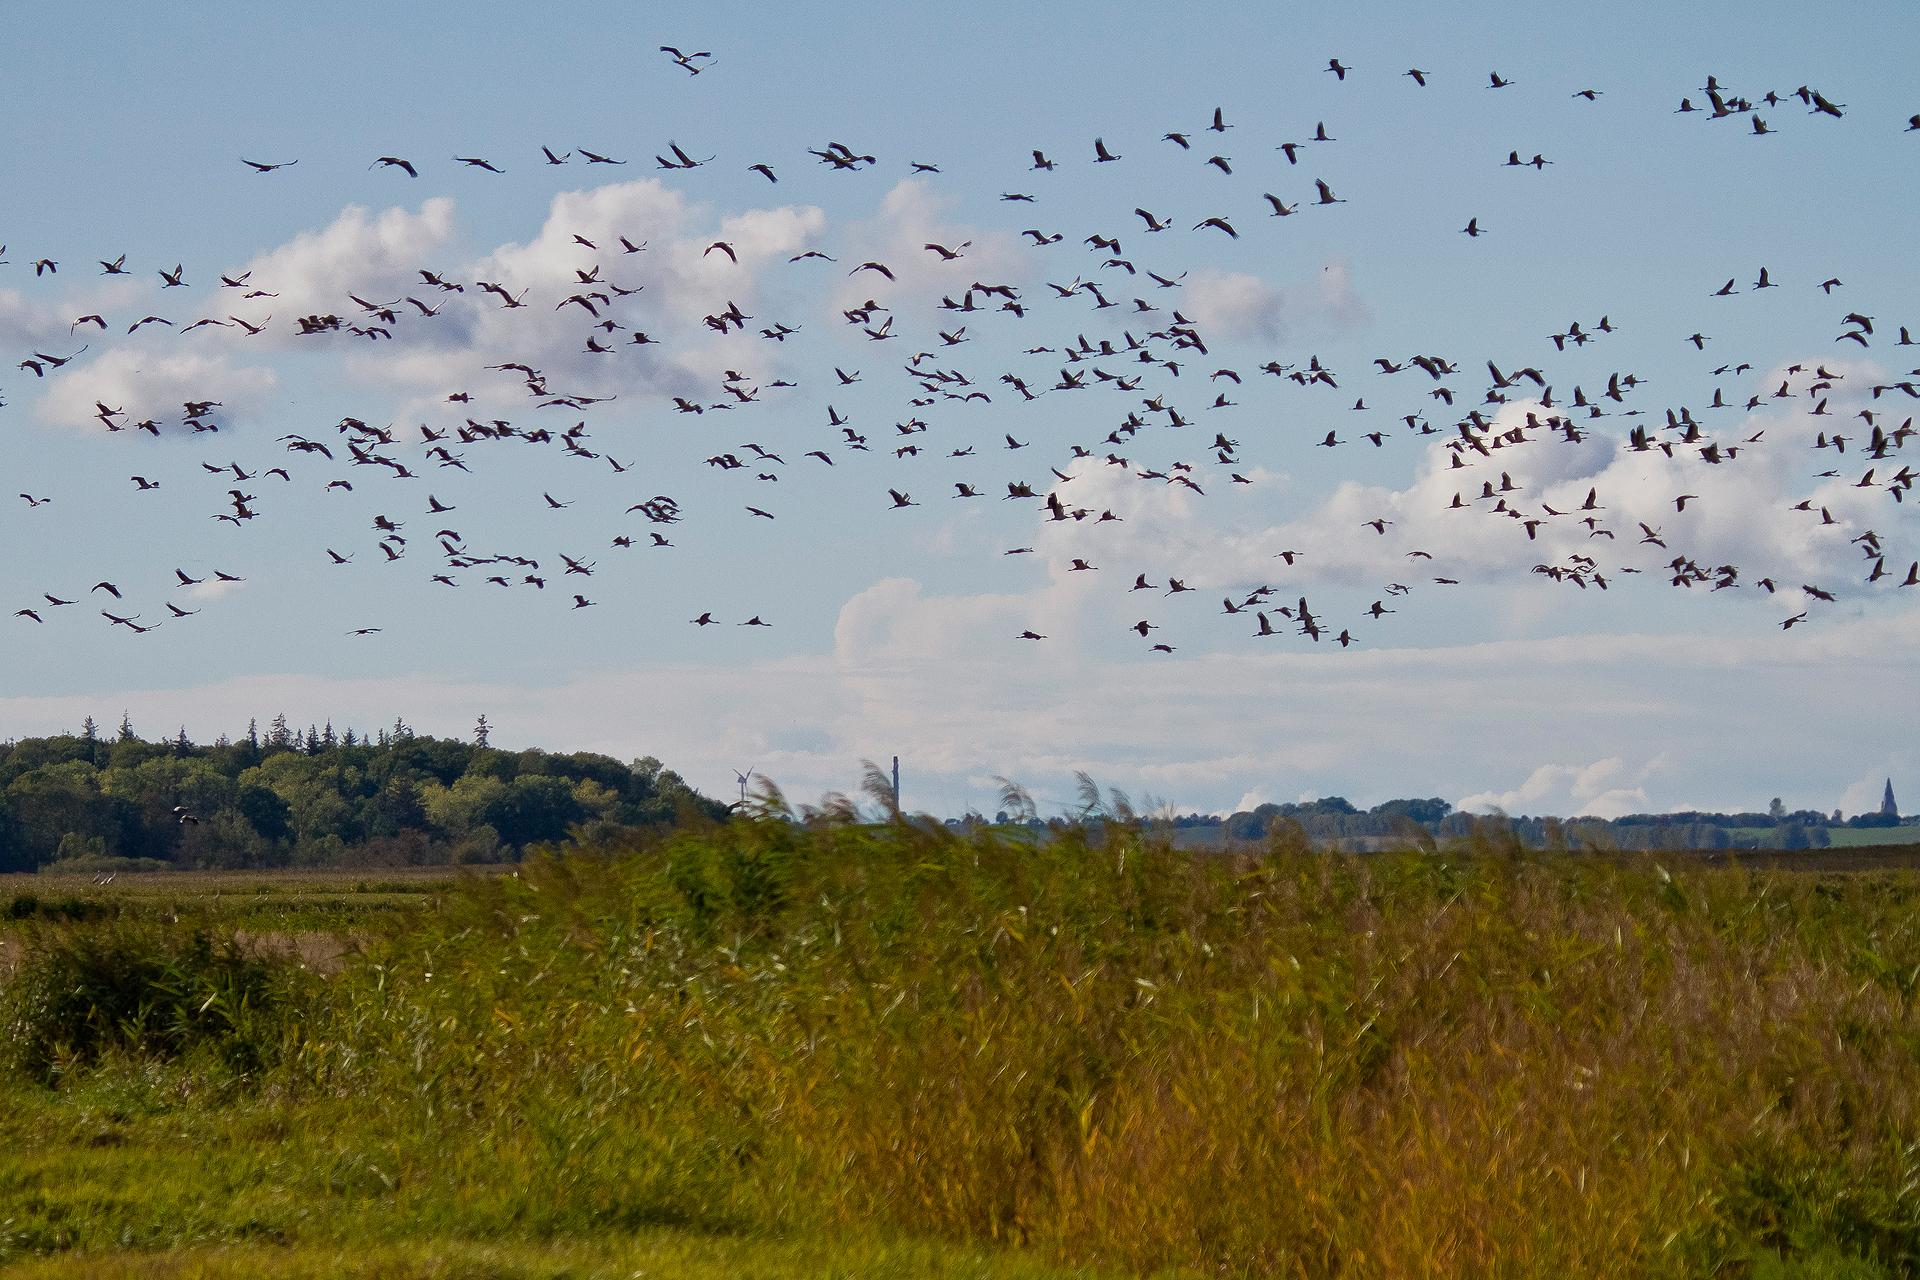 Auf den umliegenden Wiesen rasten viele Kraniche, die von unserem Fotoversteck aus nicht sichtbar sind ...